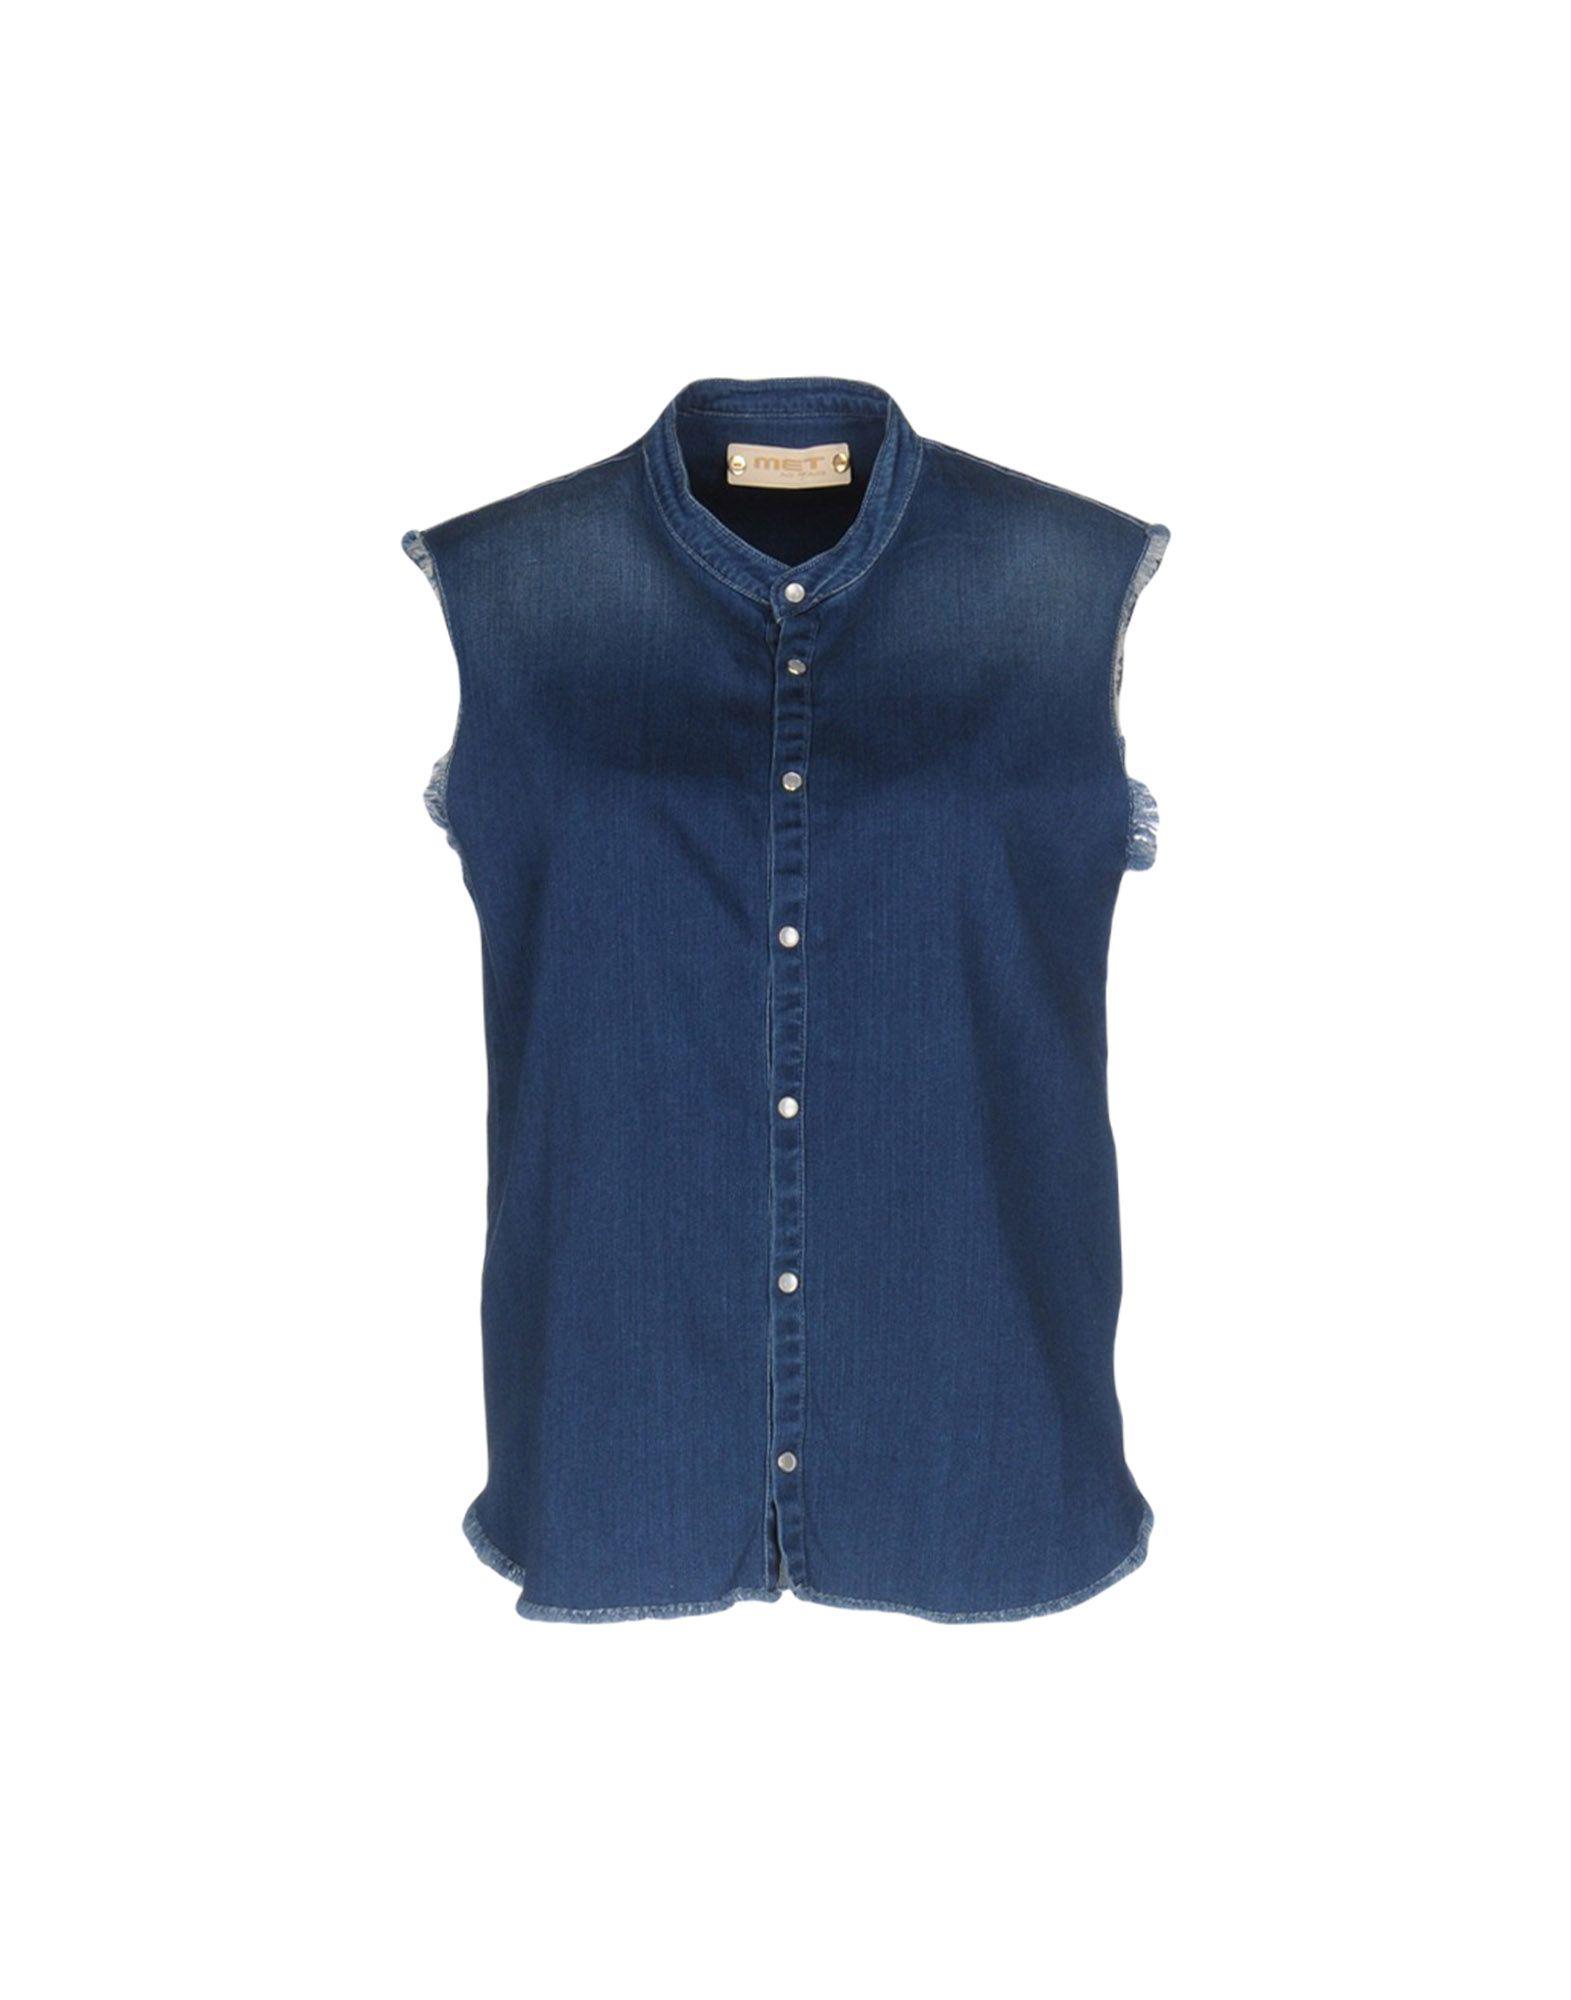 рубашки met рубашка MET & FRIENDS Джинсовая рубашка